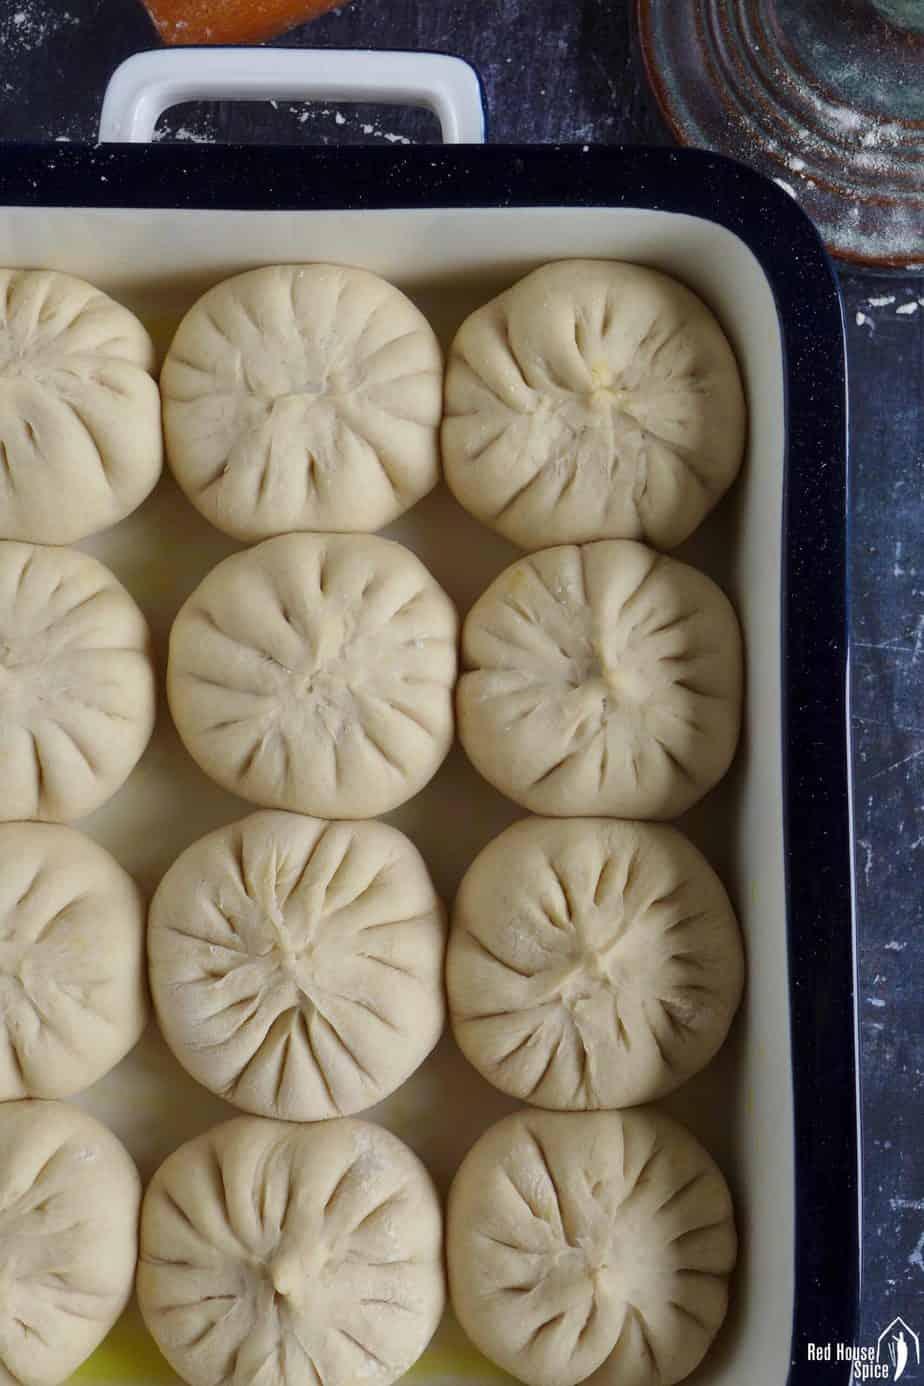 Uncooked bao buns